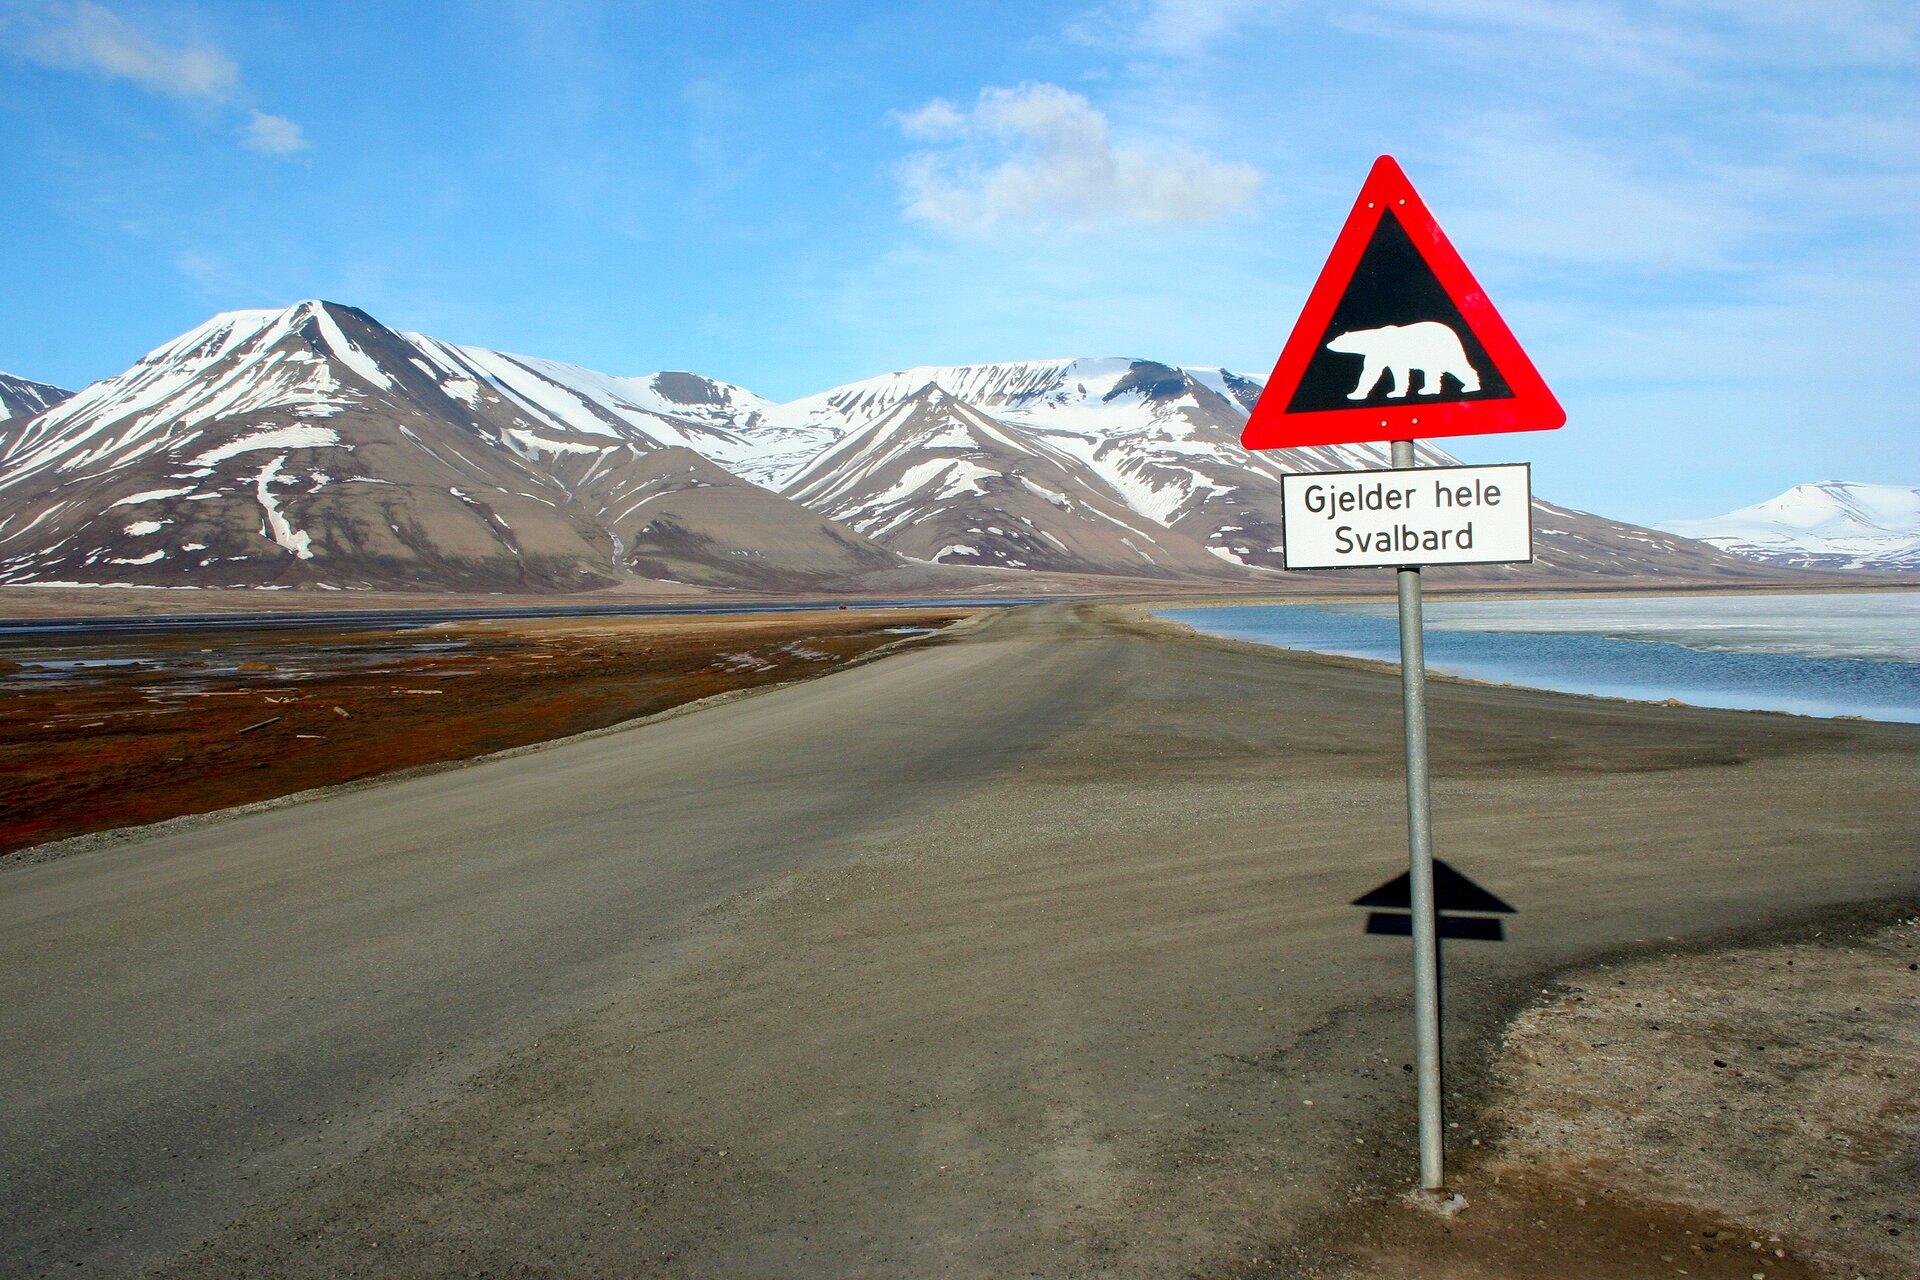 Na zdjęciu droga gruntowa, znak drogowy uwaga niedźwiedzie. Wtle brzeg morza, wysokie skaliste, ośnieżone góry.